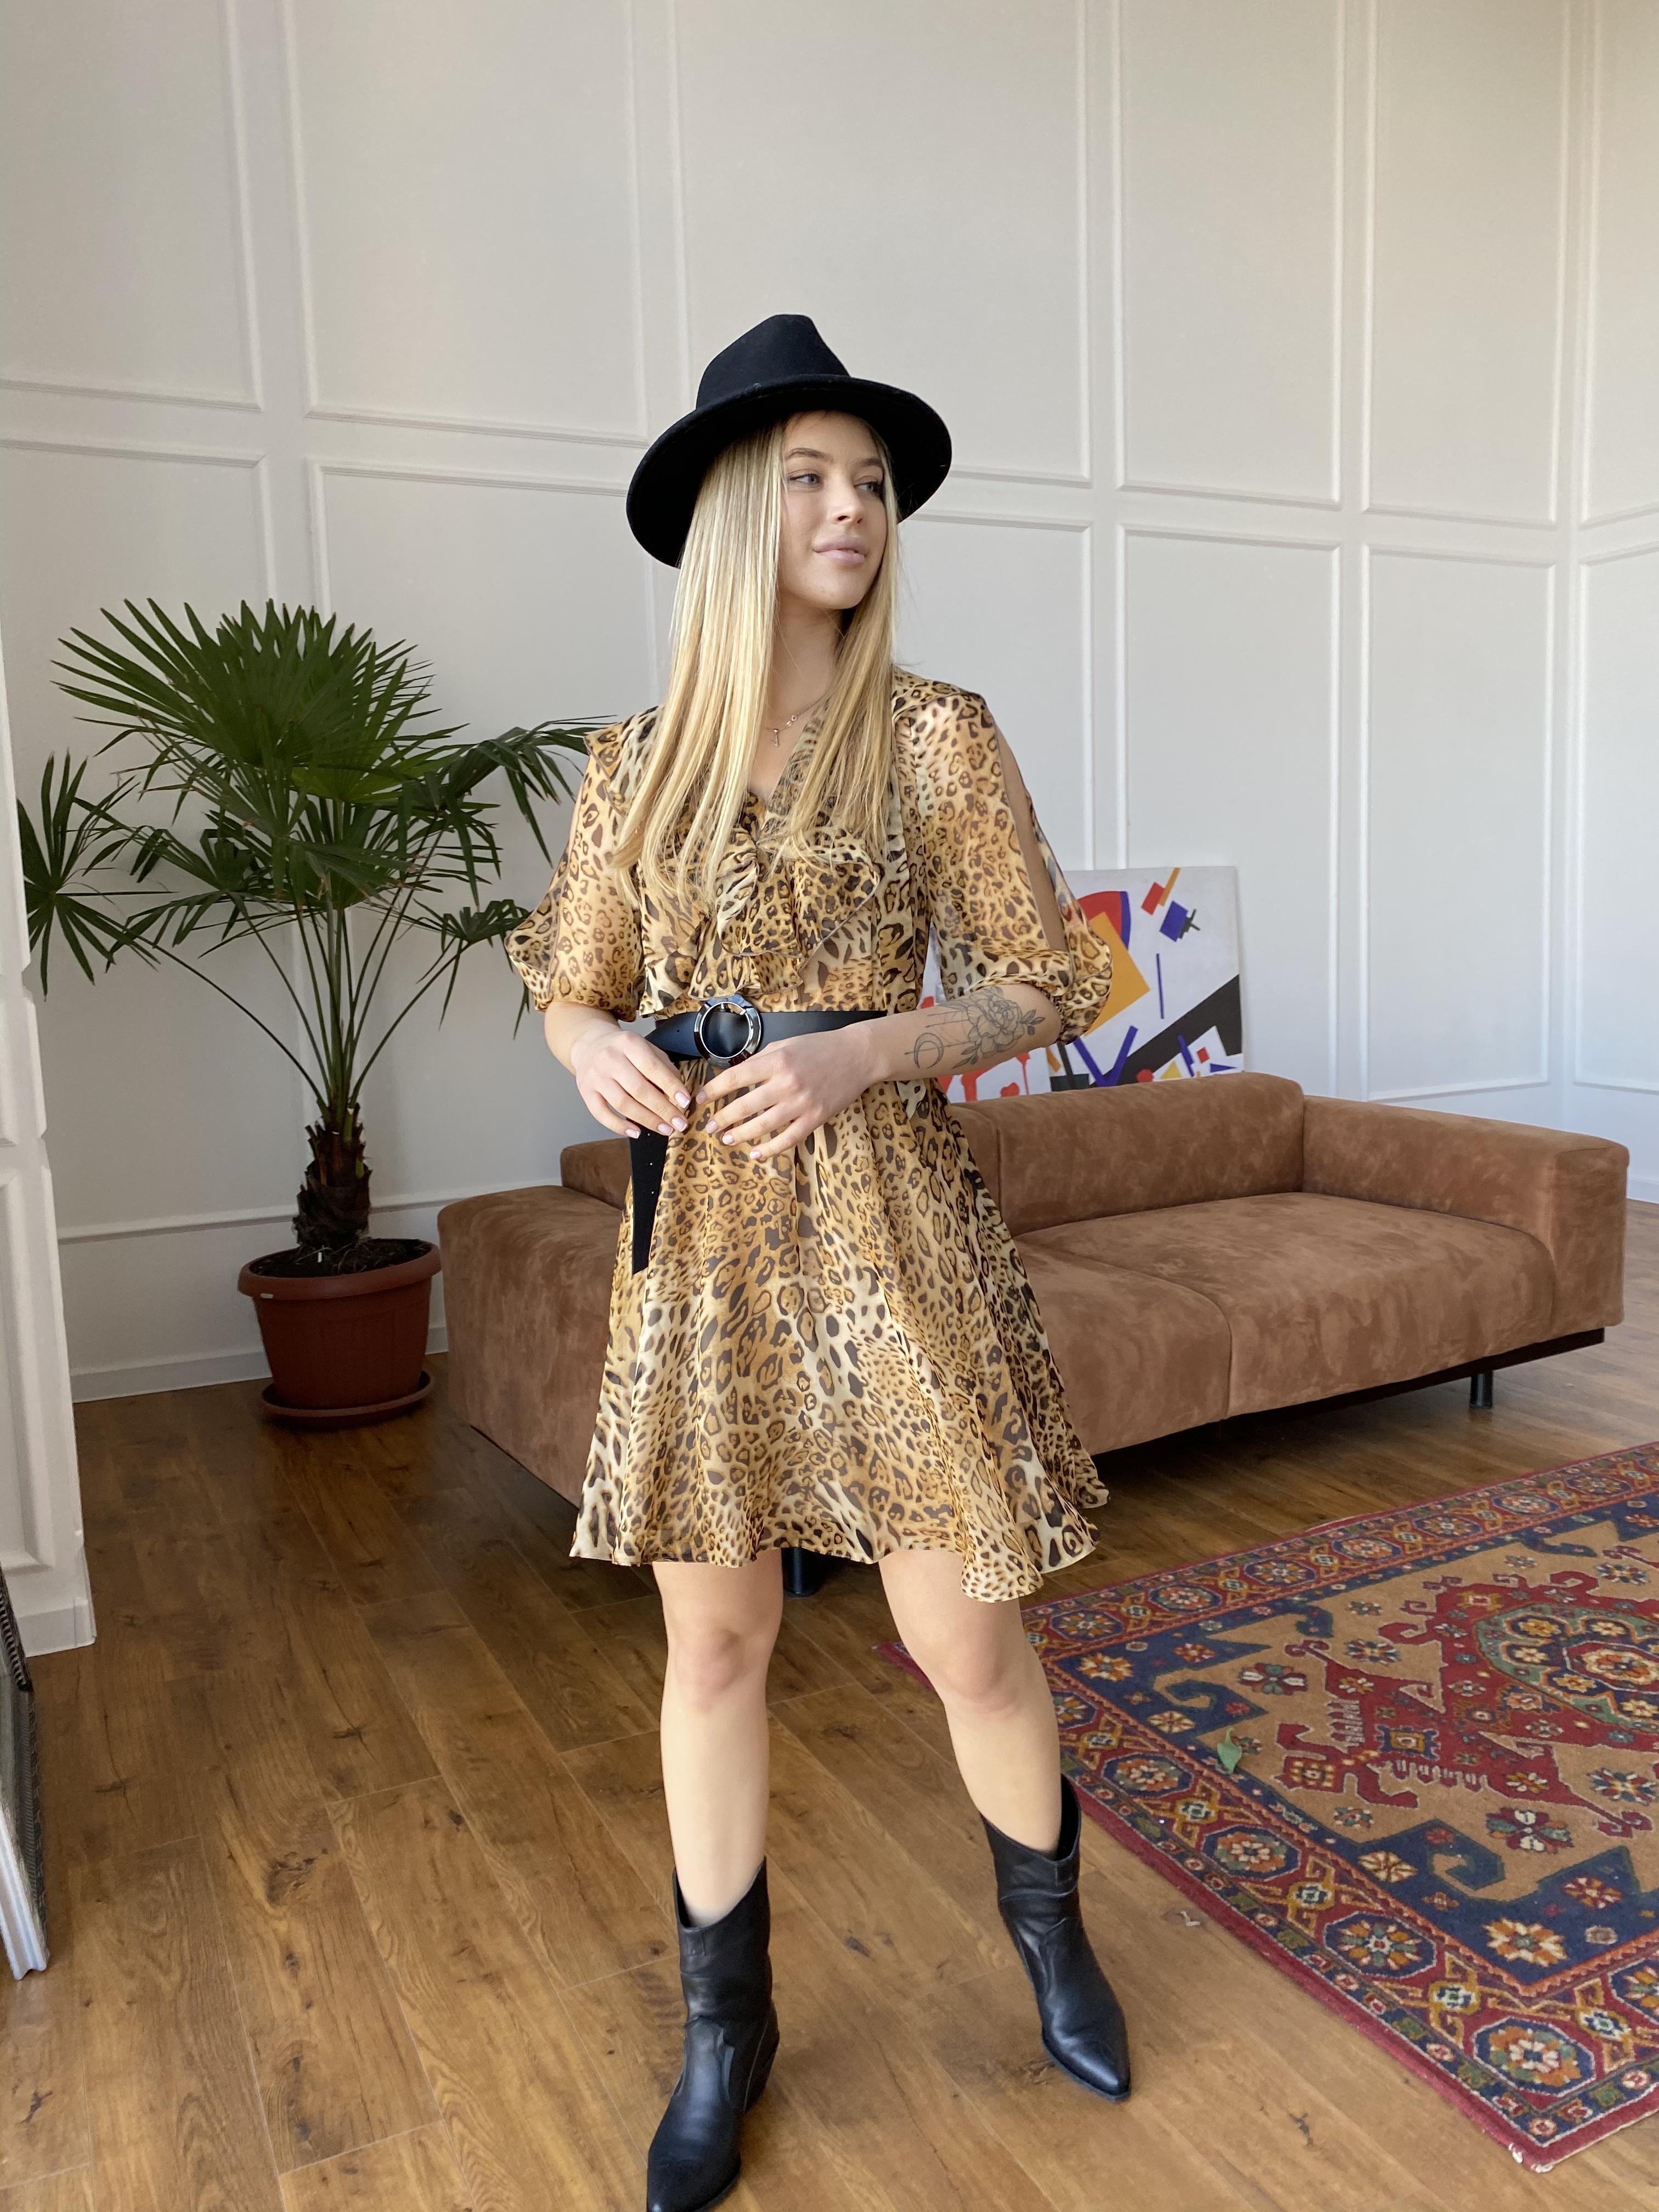 Блюз платье в леопардовый принт 7093 АРТ. 42551 Цвет: Леопард 2 - фото 3, интернет магазин tm-modus.ru